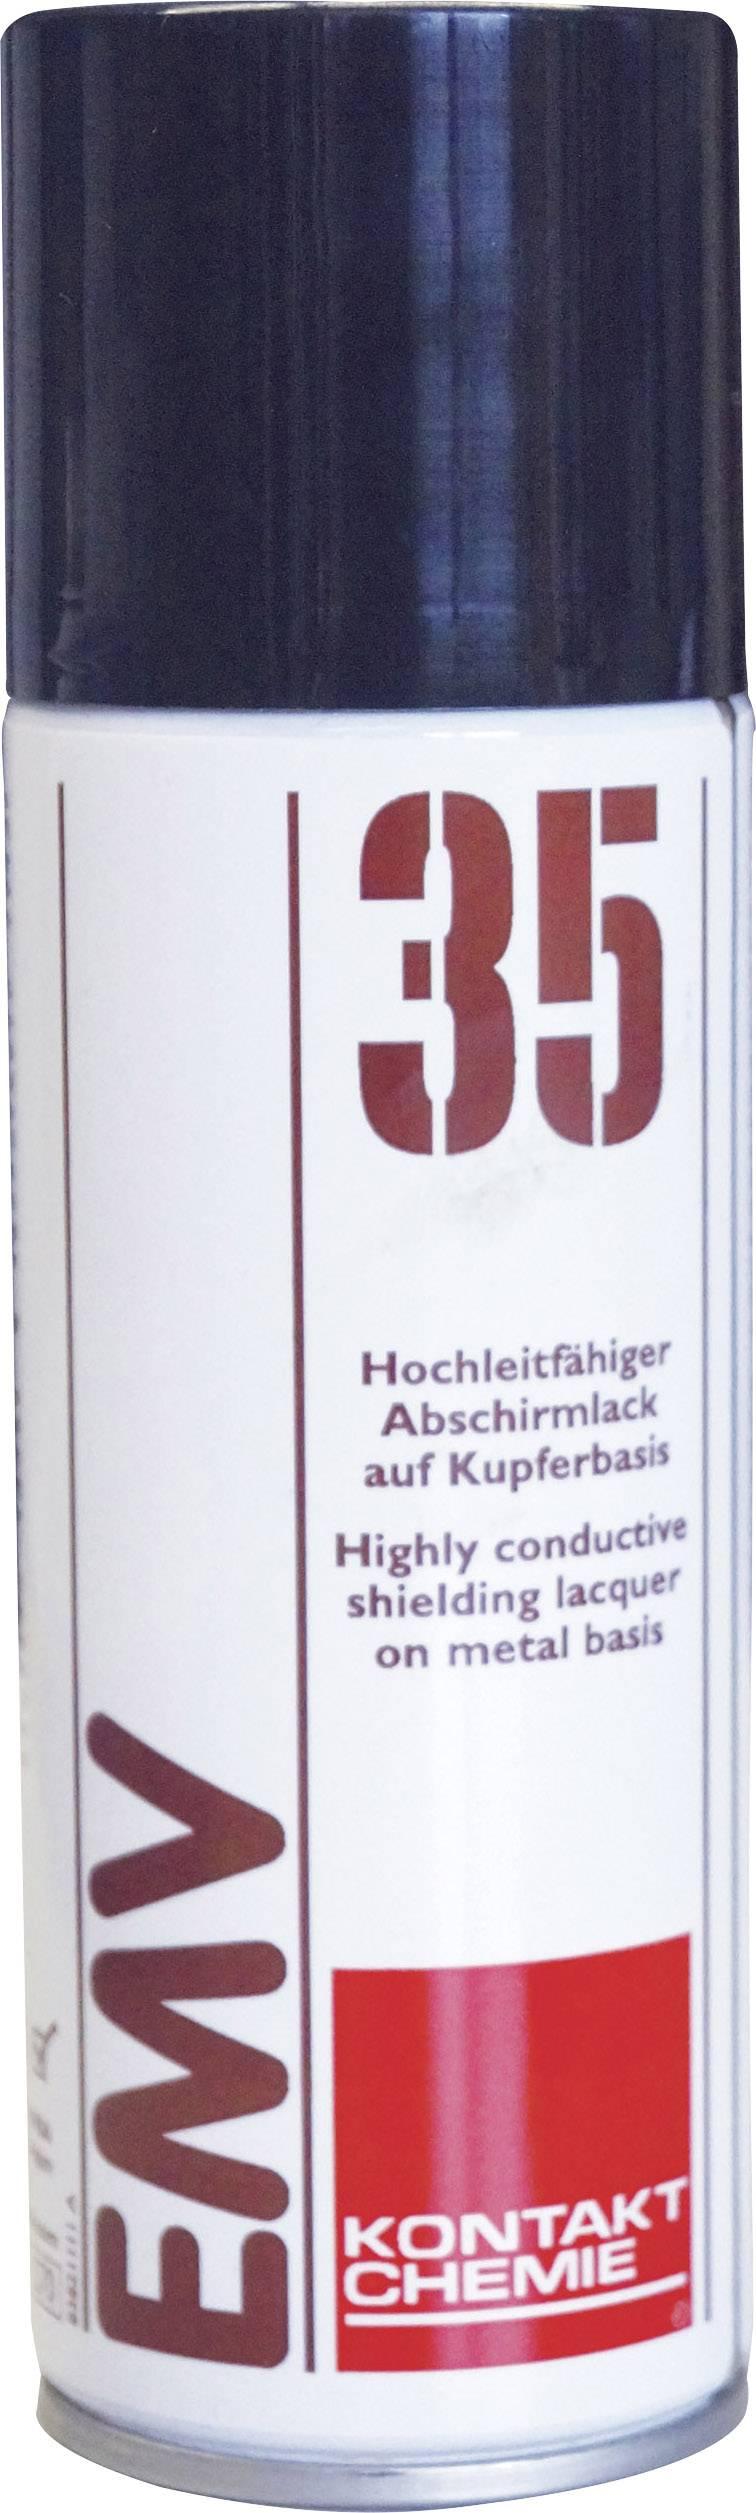 Sprej pro elektromagnetické stínění CRC Kontakt Chemie EMV 35 77509-AA, 200 ml